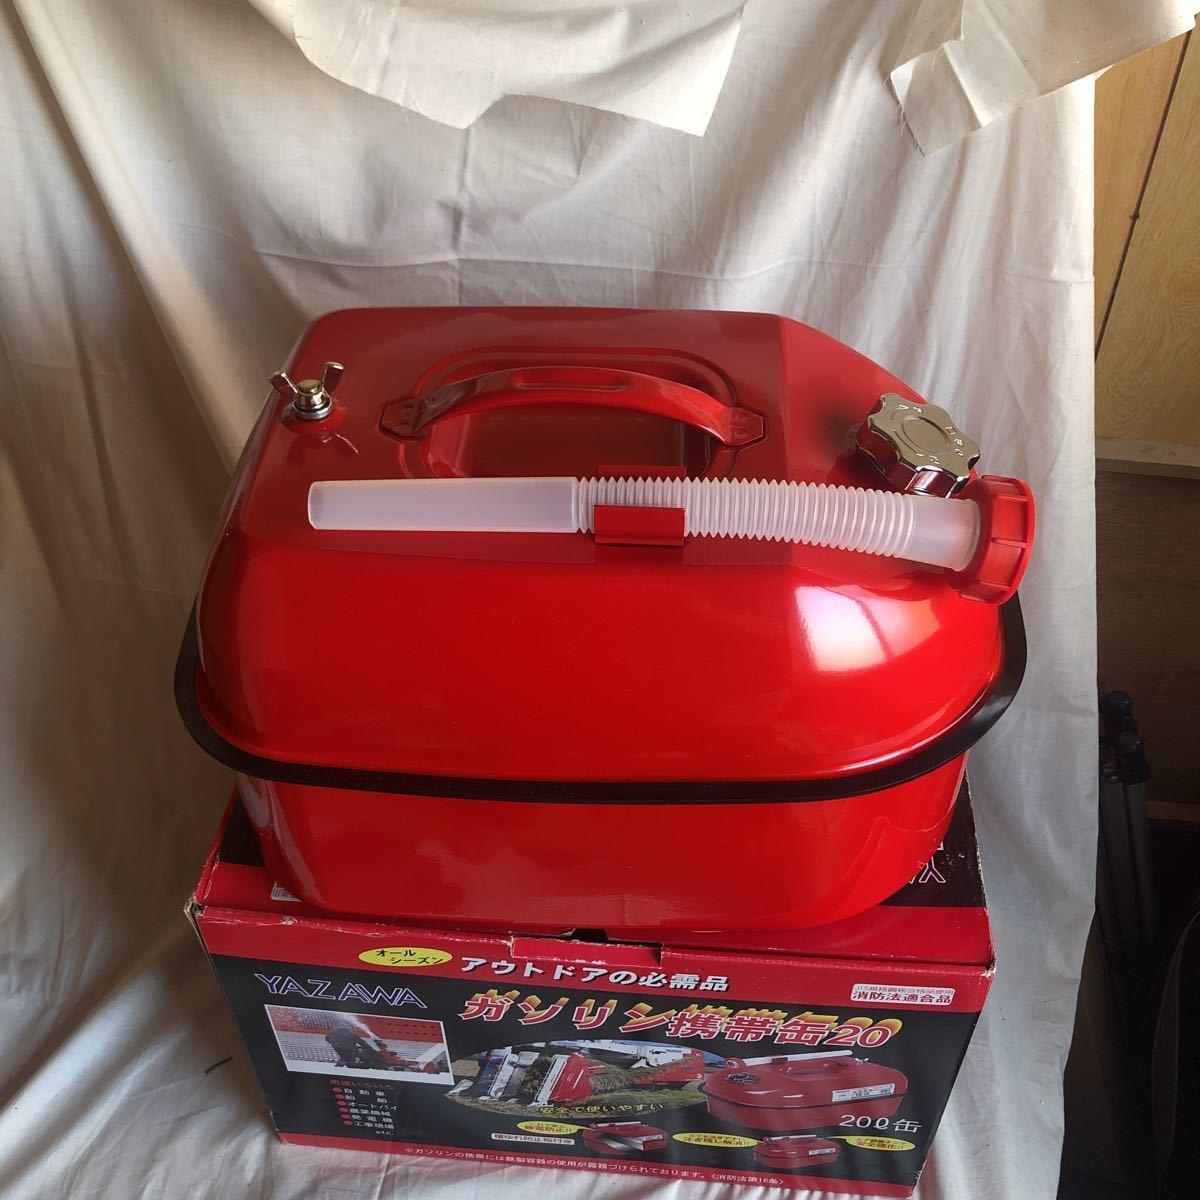 YAZAWA ガソリン携行缶 携帯缶 20リットル 鉄製容器 新品未使用 アウトドア オールシーズン JIS規格 消防法適合品_画像2